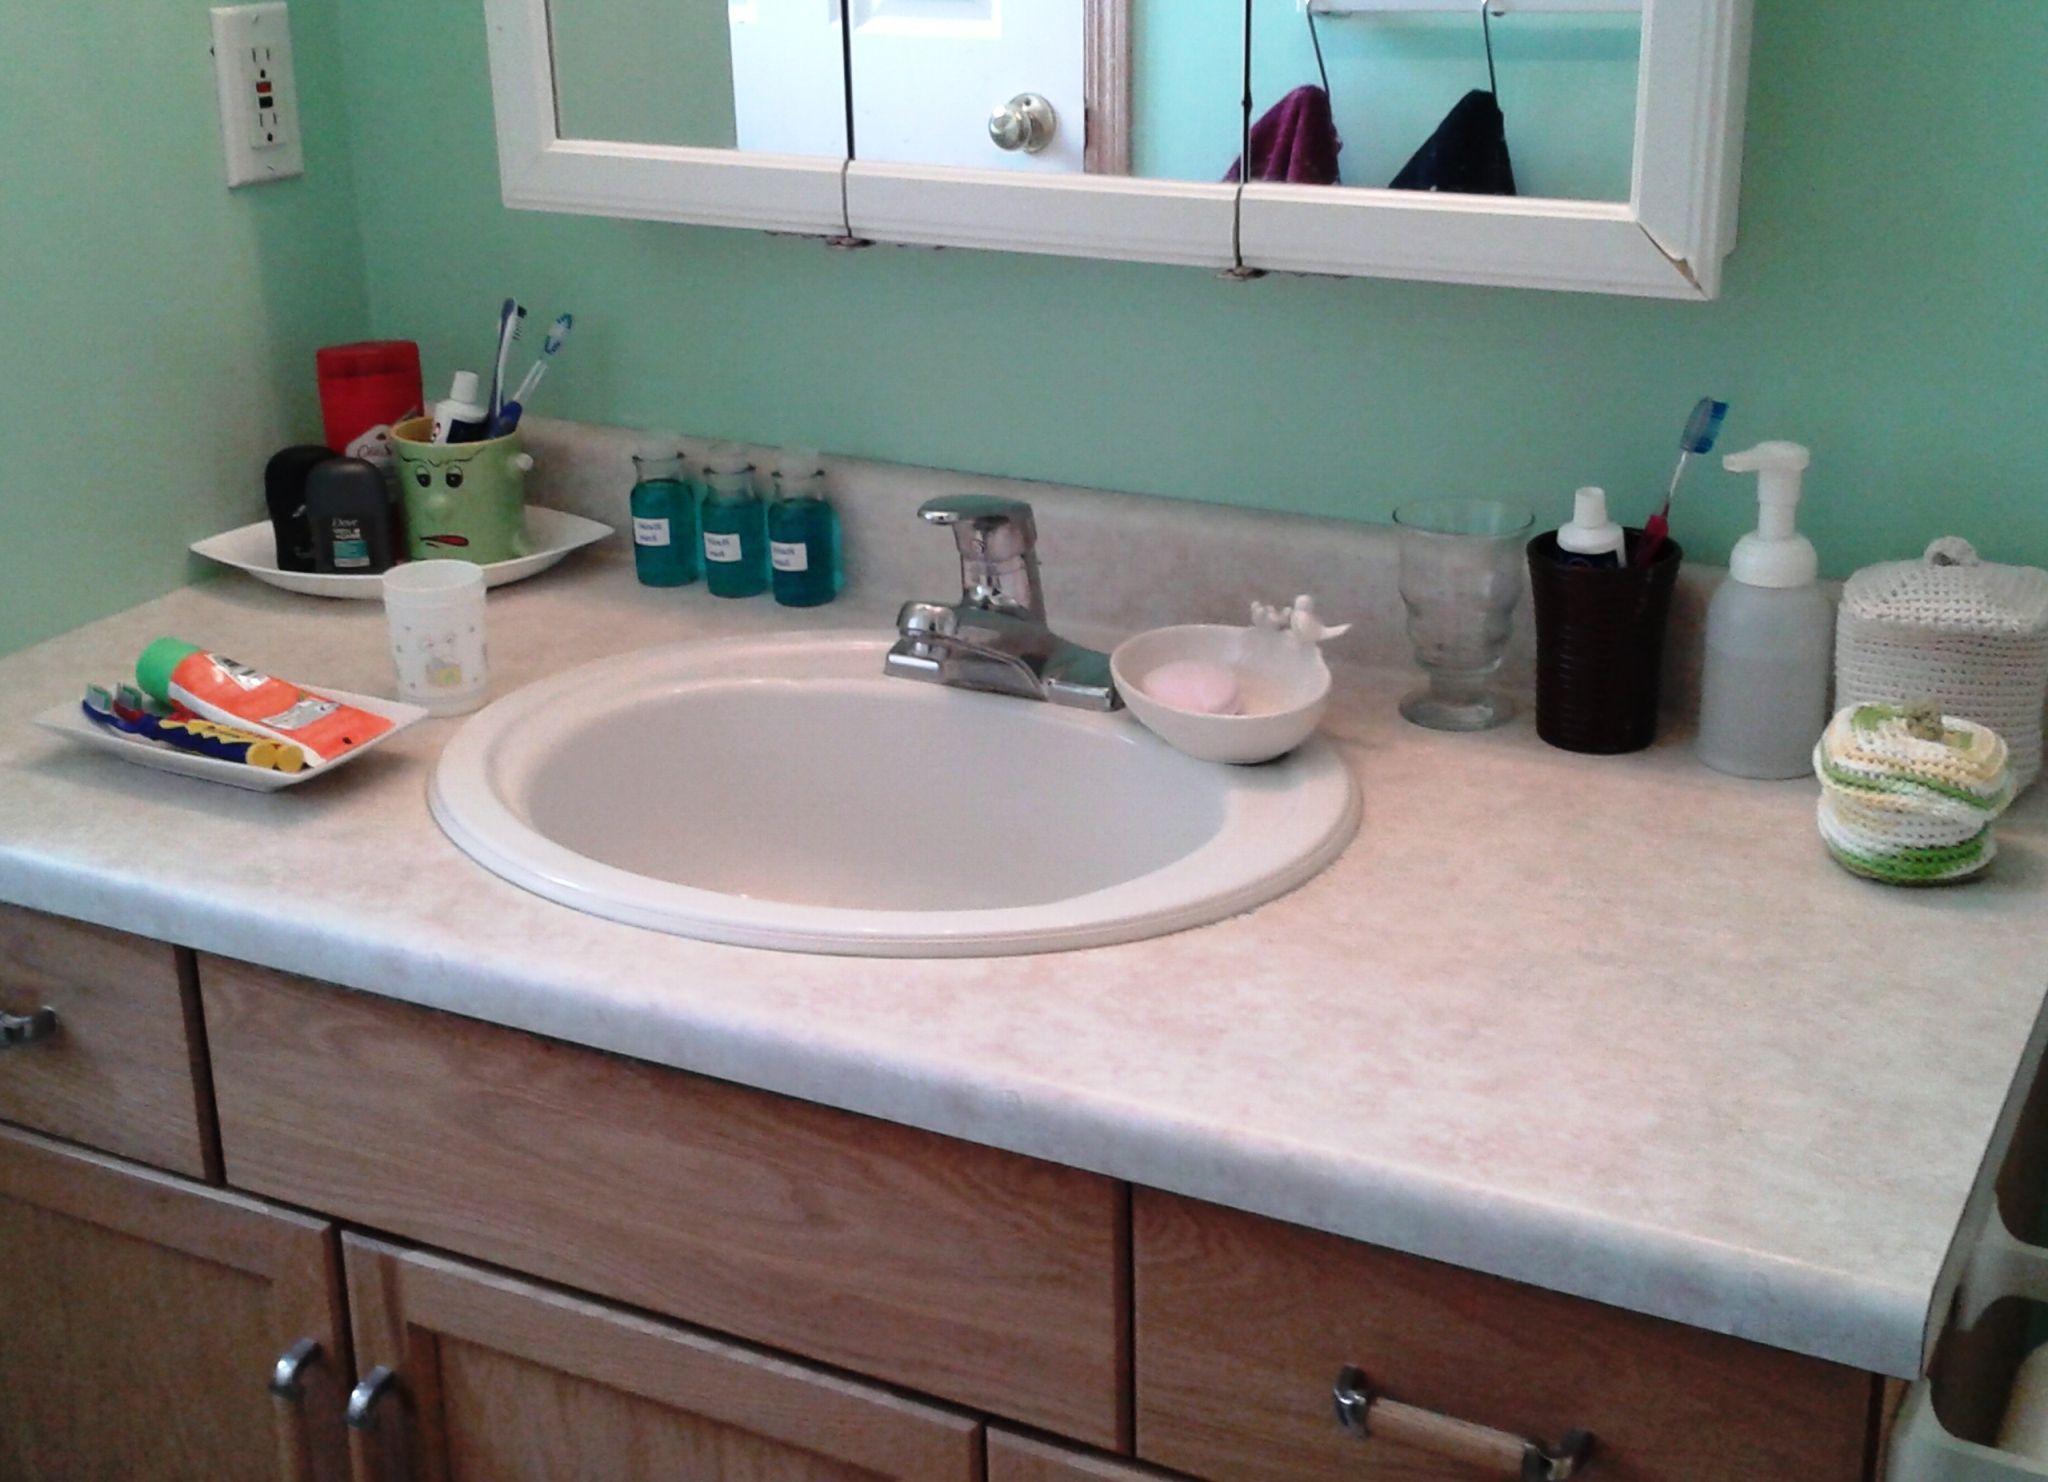 10 Genius Ways How To Craft Bathroom Countertop Organization